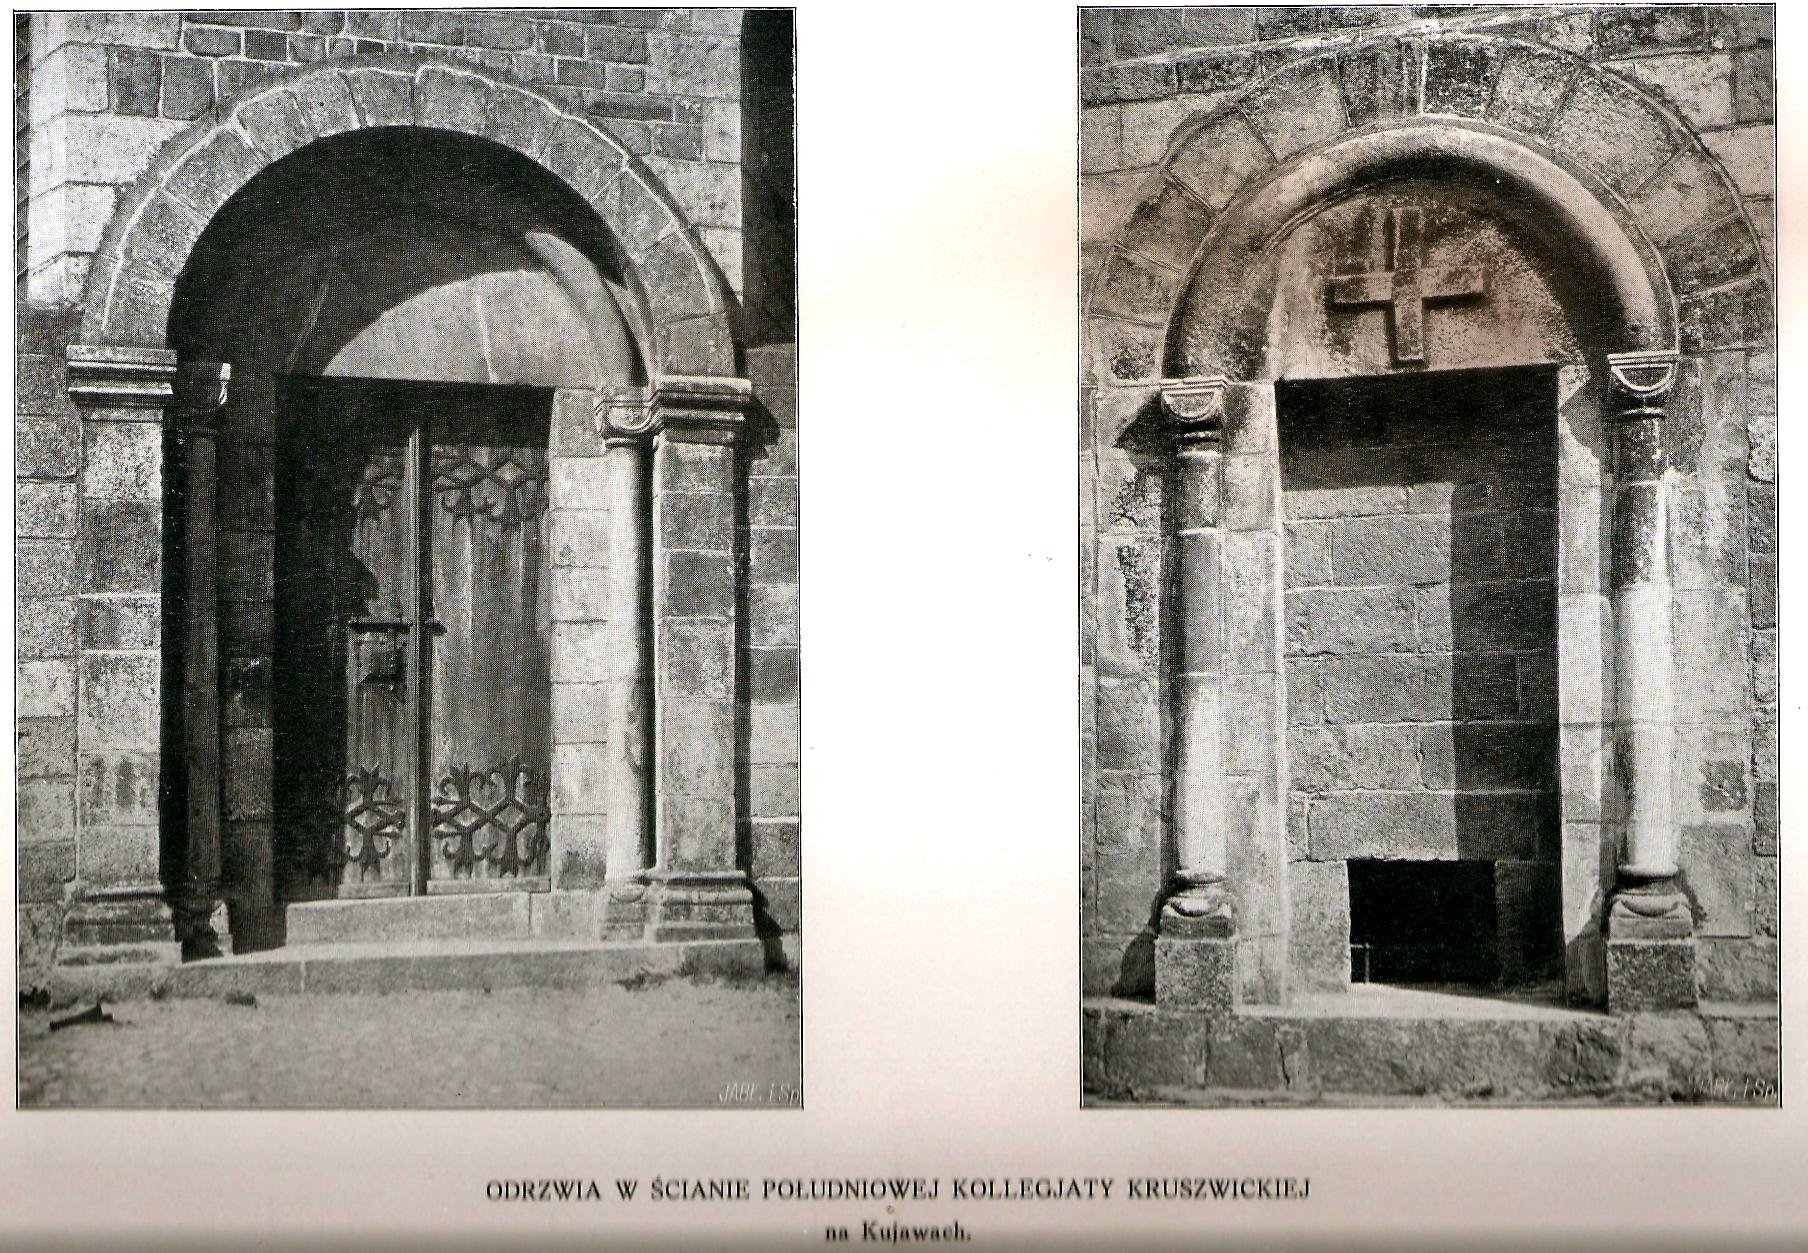 drzwi-zubrzycki